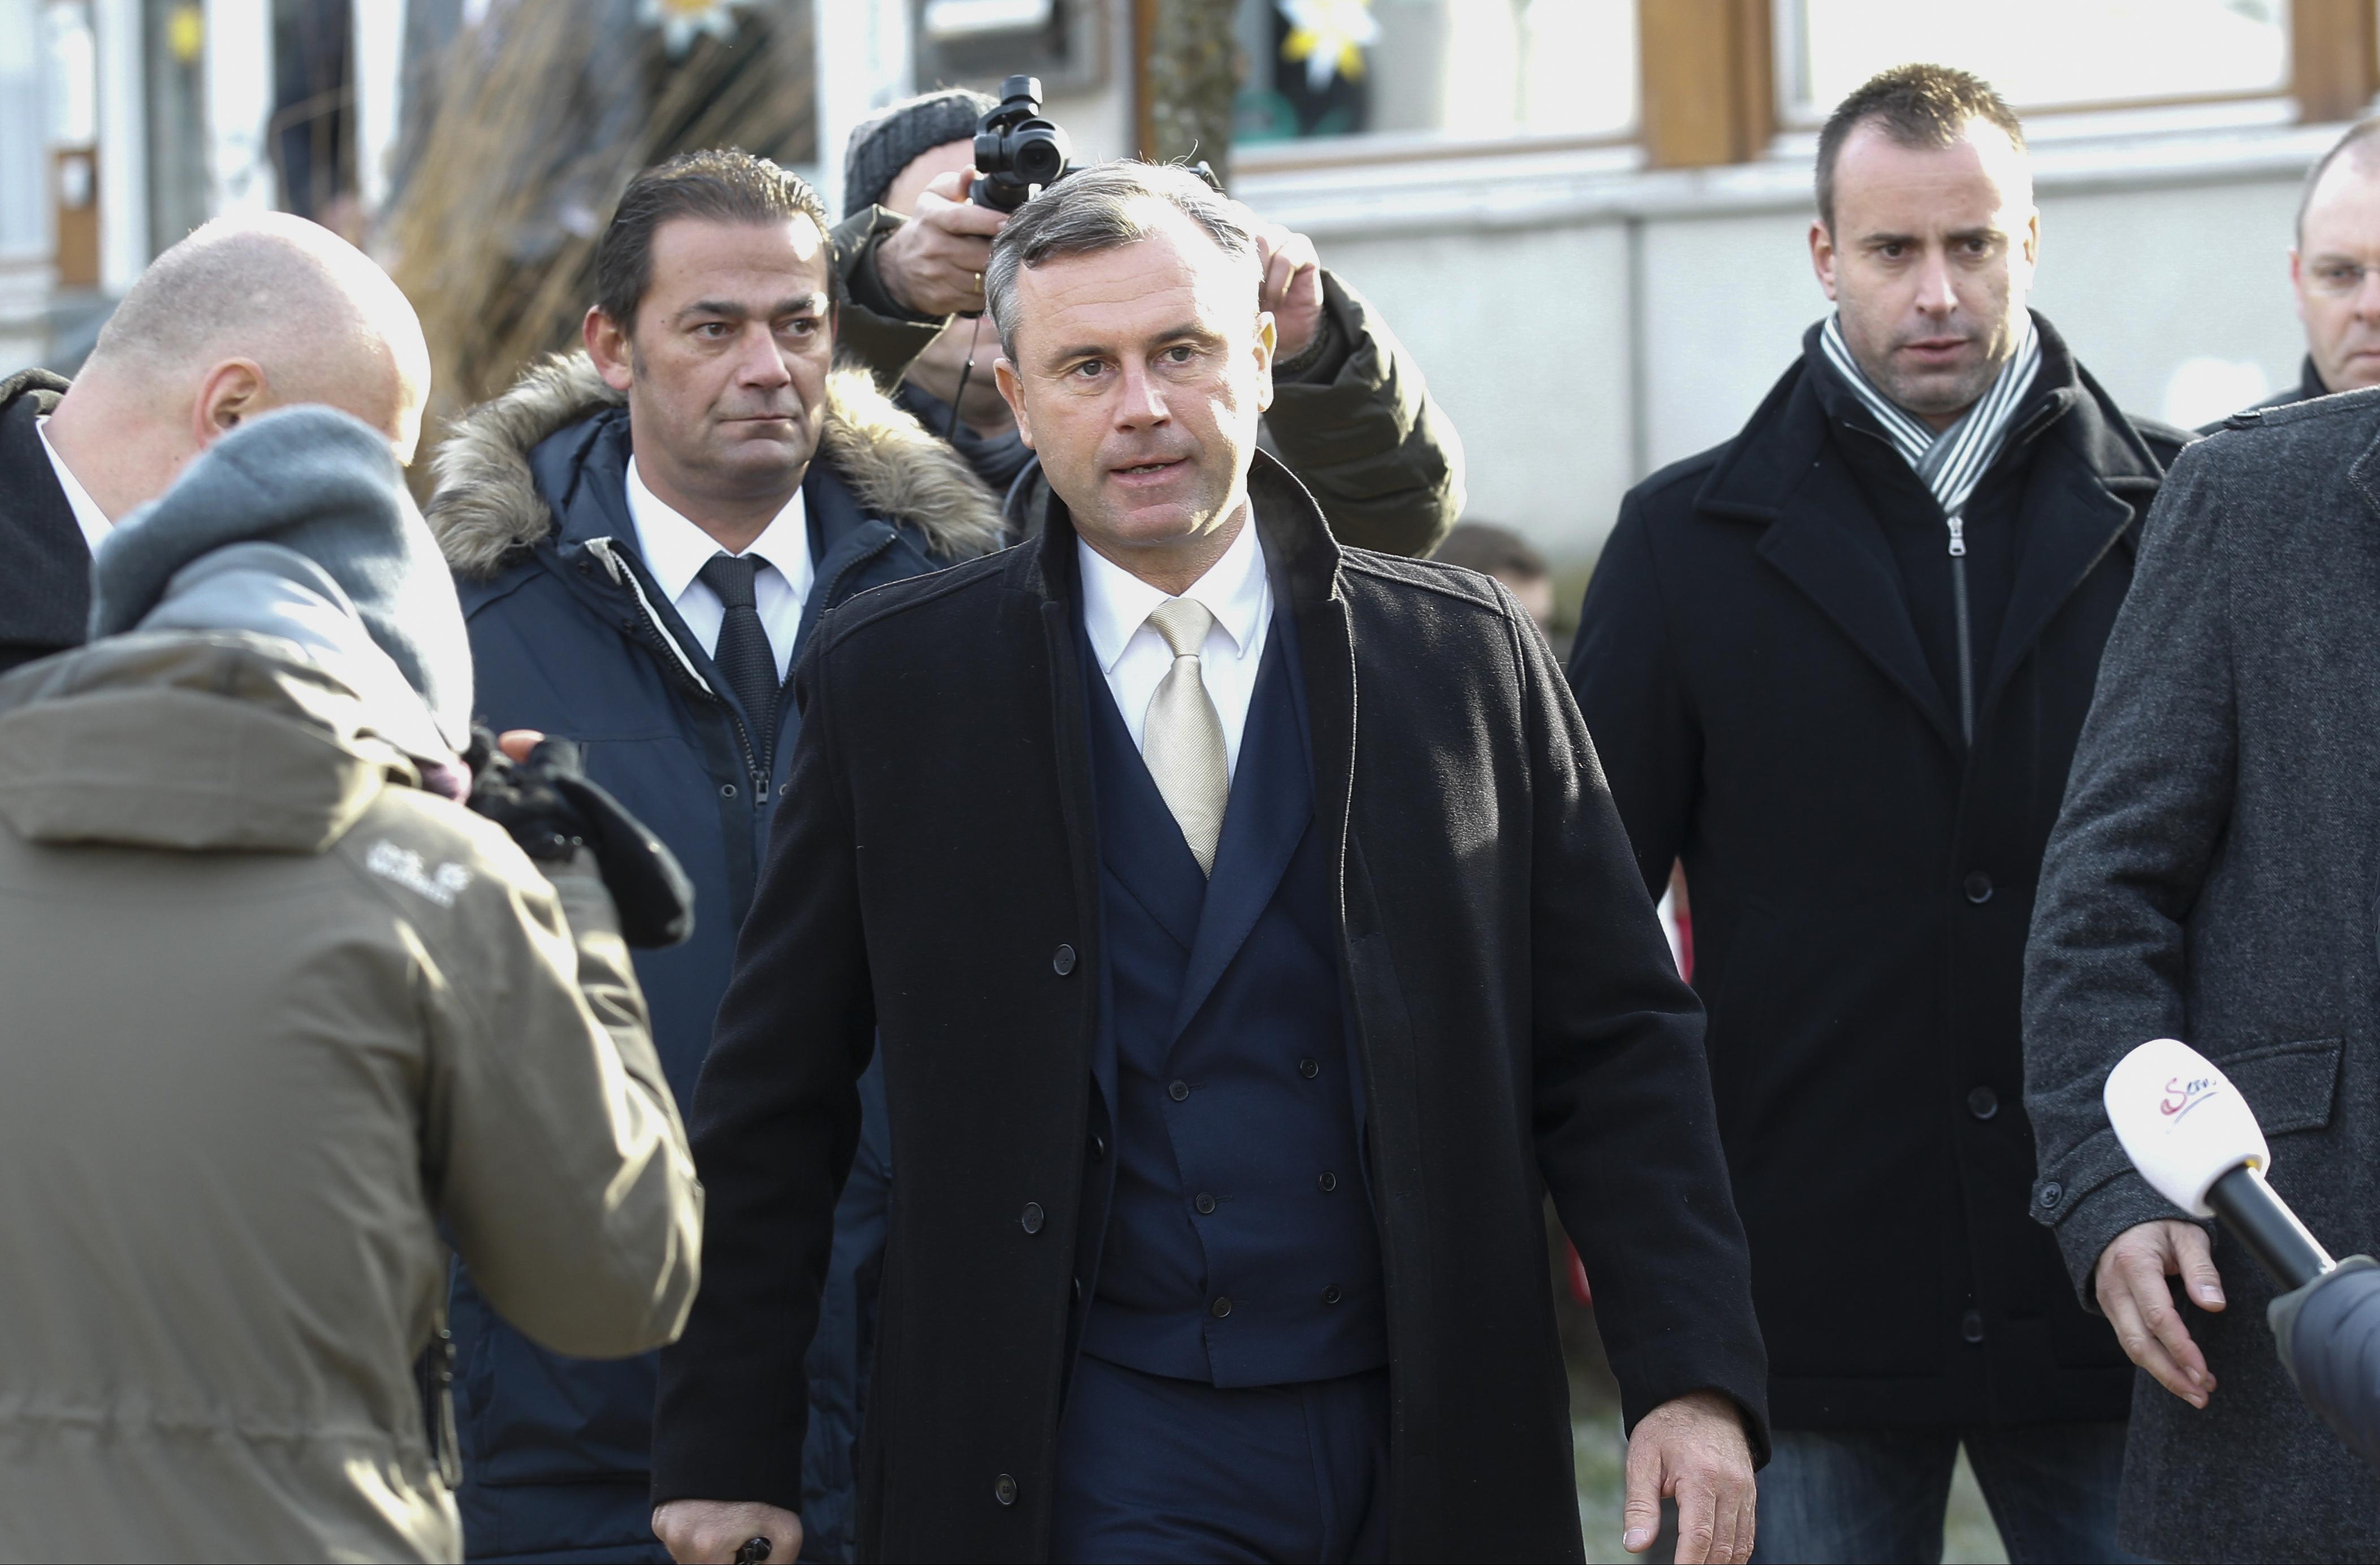 Norbert Hofer elismerte vereségét, nem lesz szélsőjobboldali elnöke Ausztriának